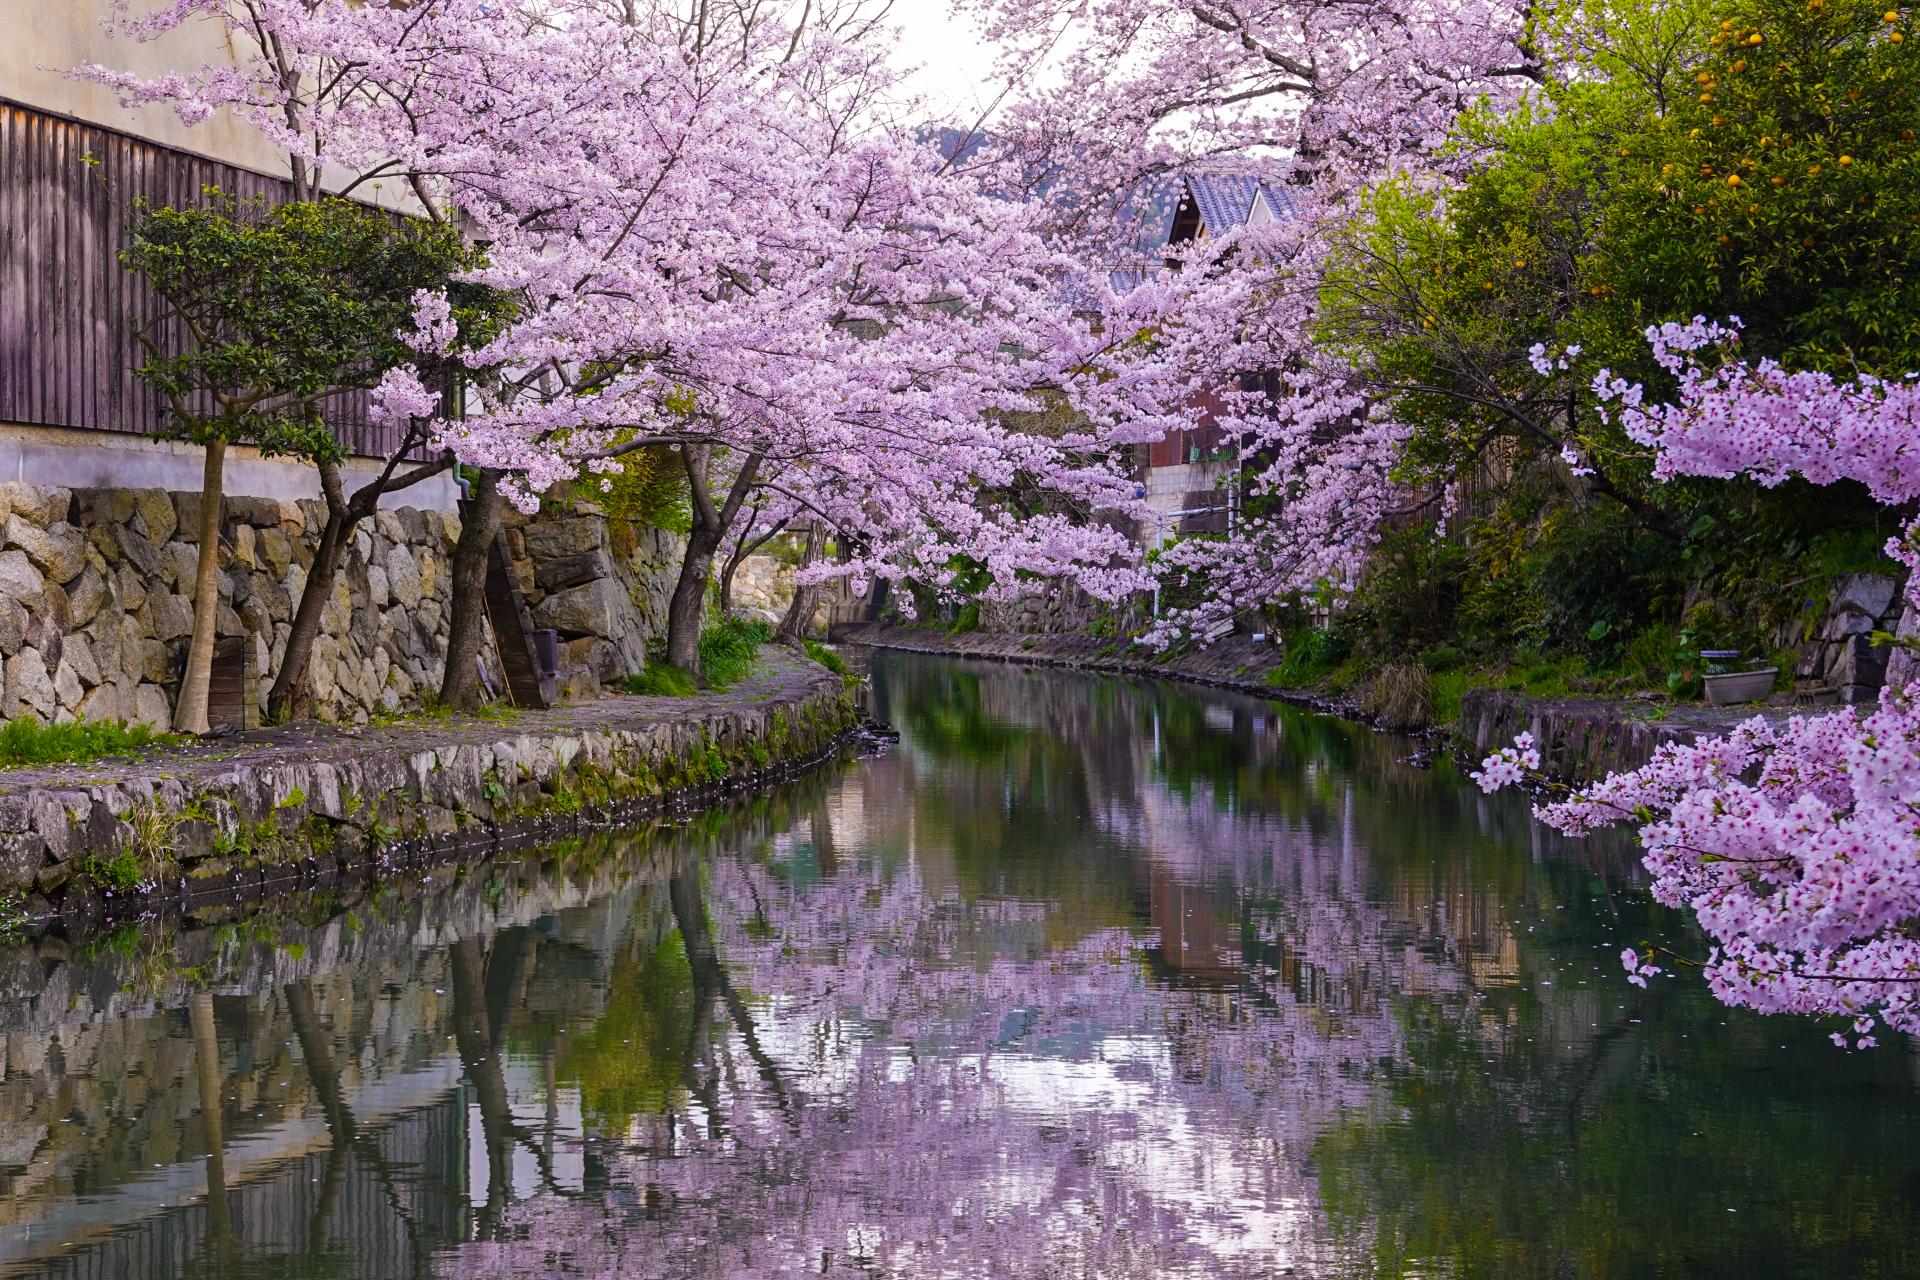 3335699_m 滋賀県  近江八幡 八幡堀(桜と和舟の景色に日本の風情を感じる春におすすめの桜スポット! 写真の紹介、アクセス情報や駐車場情報など)